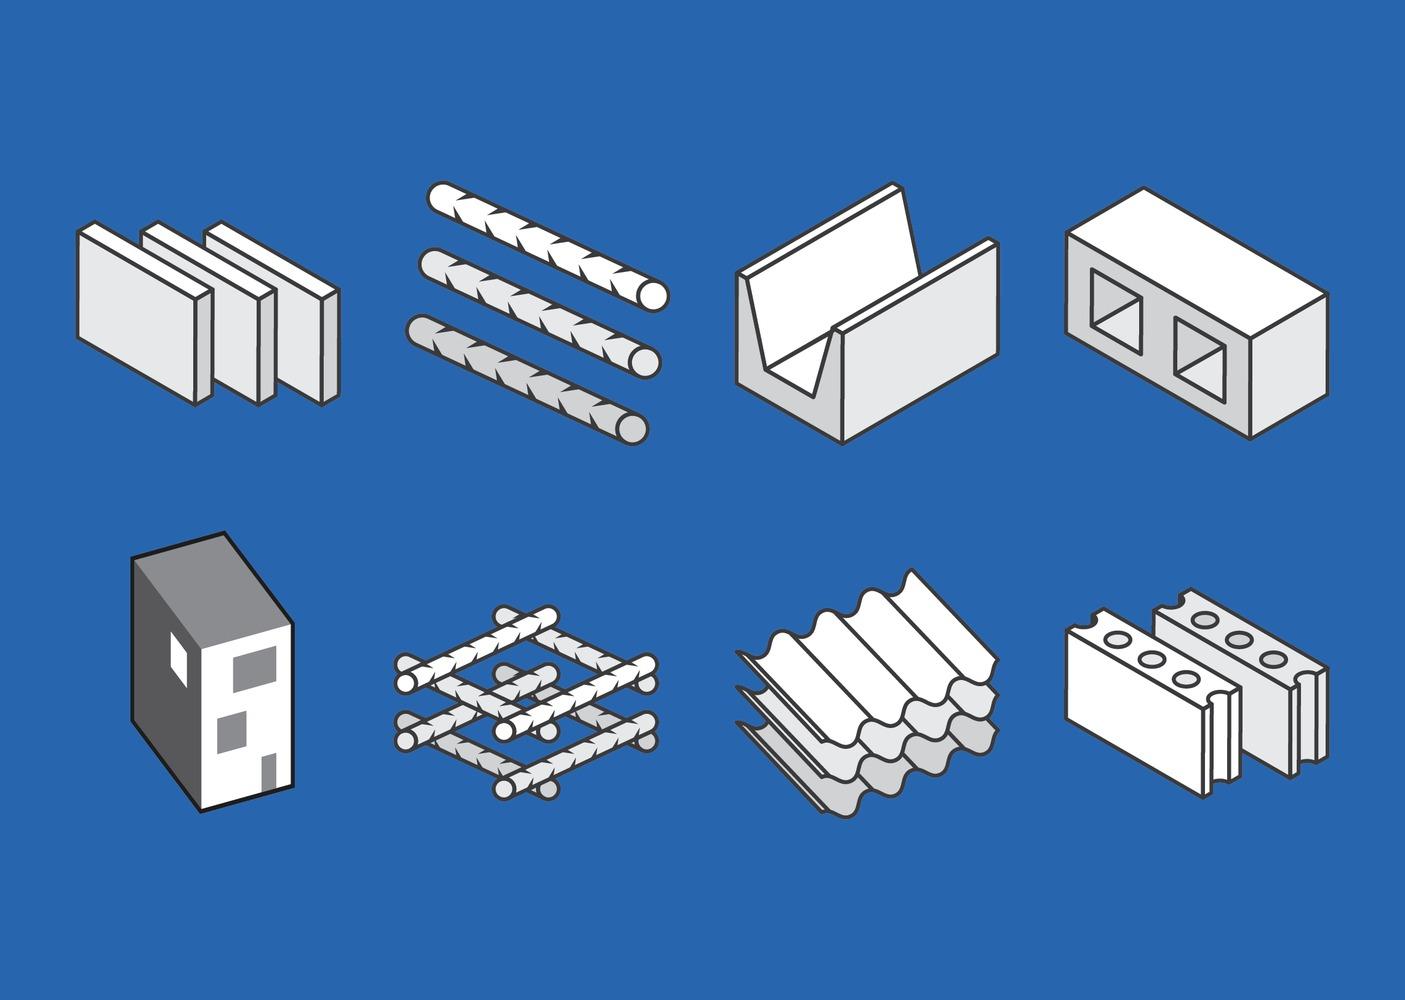 12 دوره آموزشی معماری آنلاین برای معماران و دانشجویان